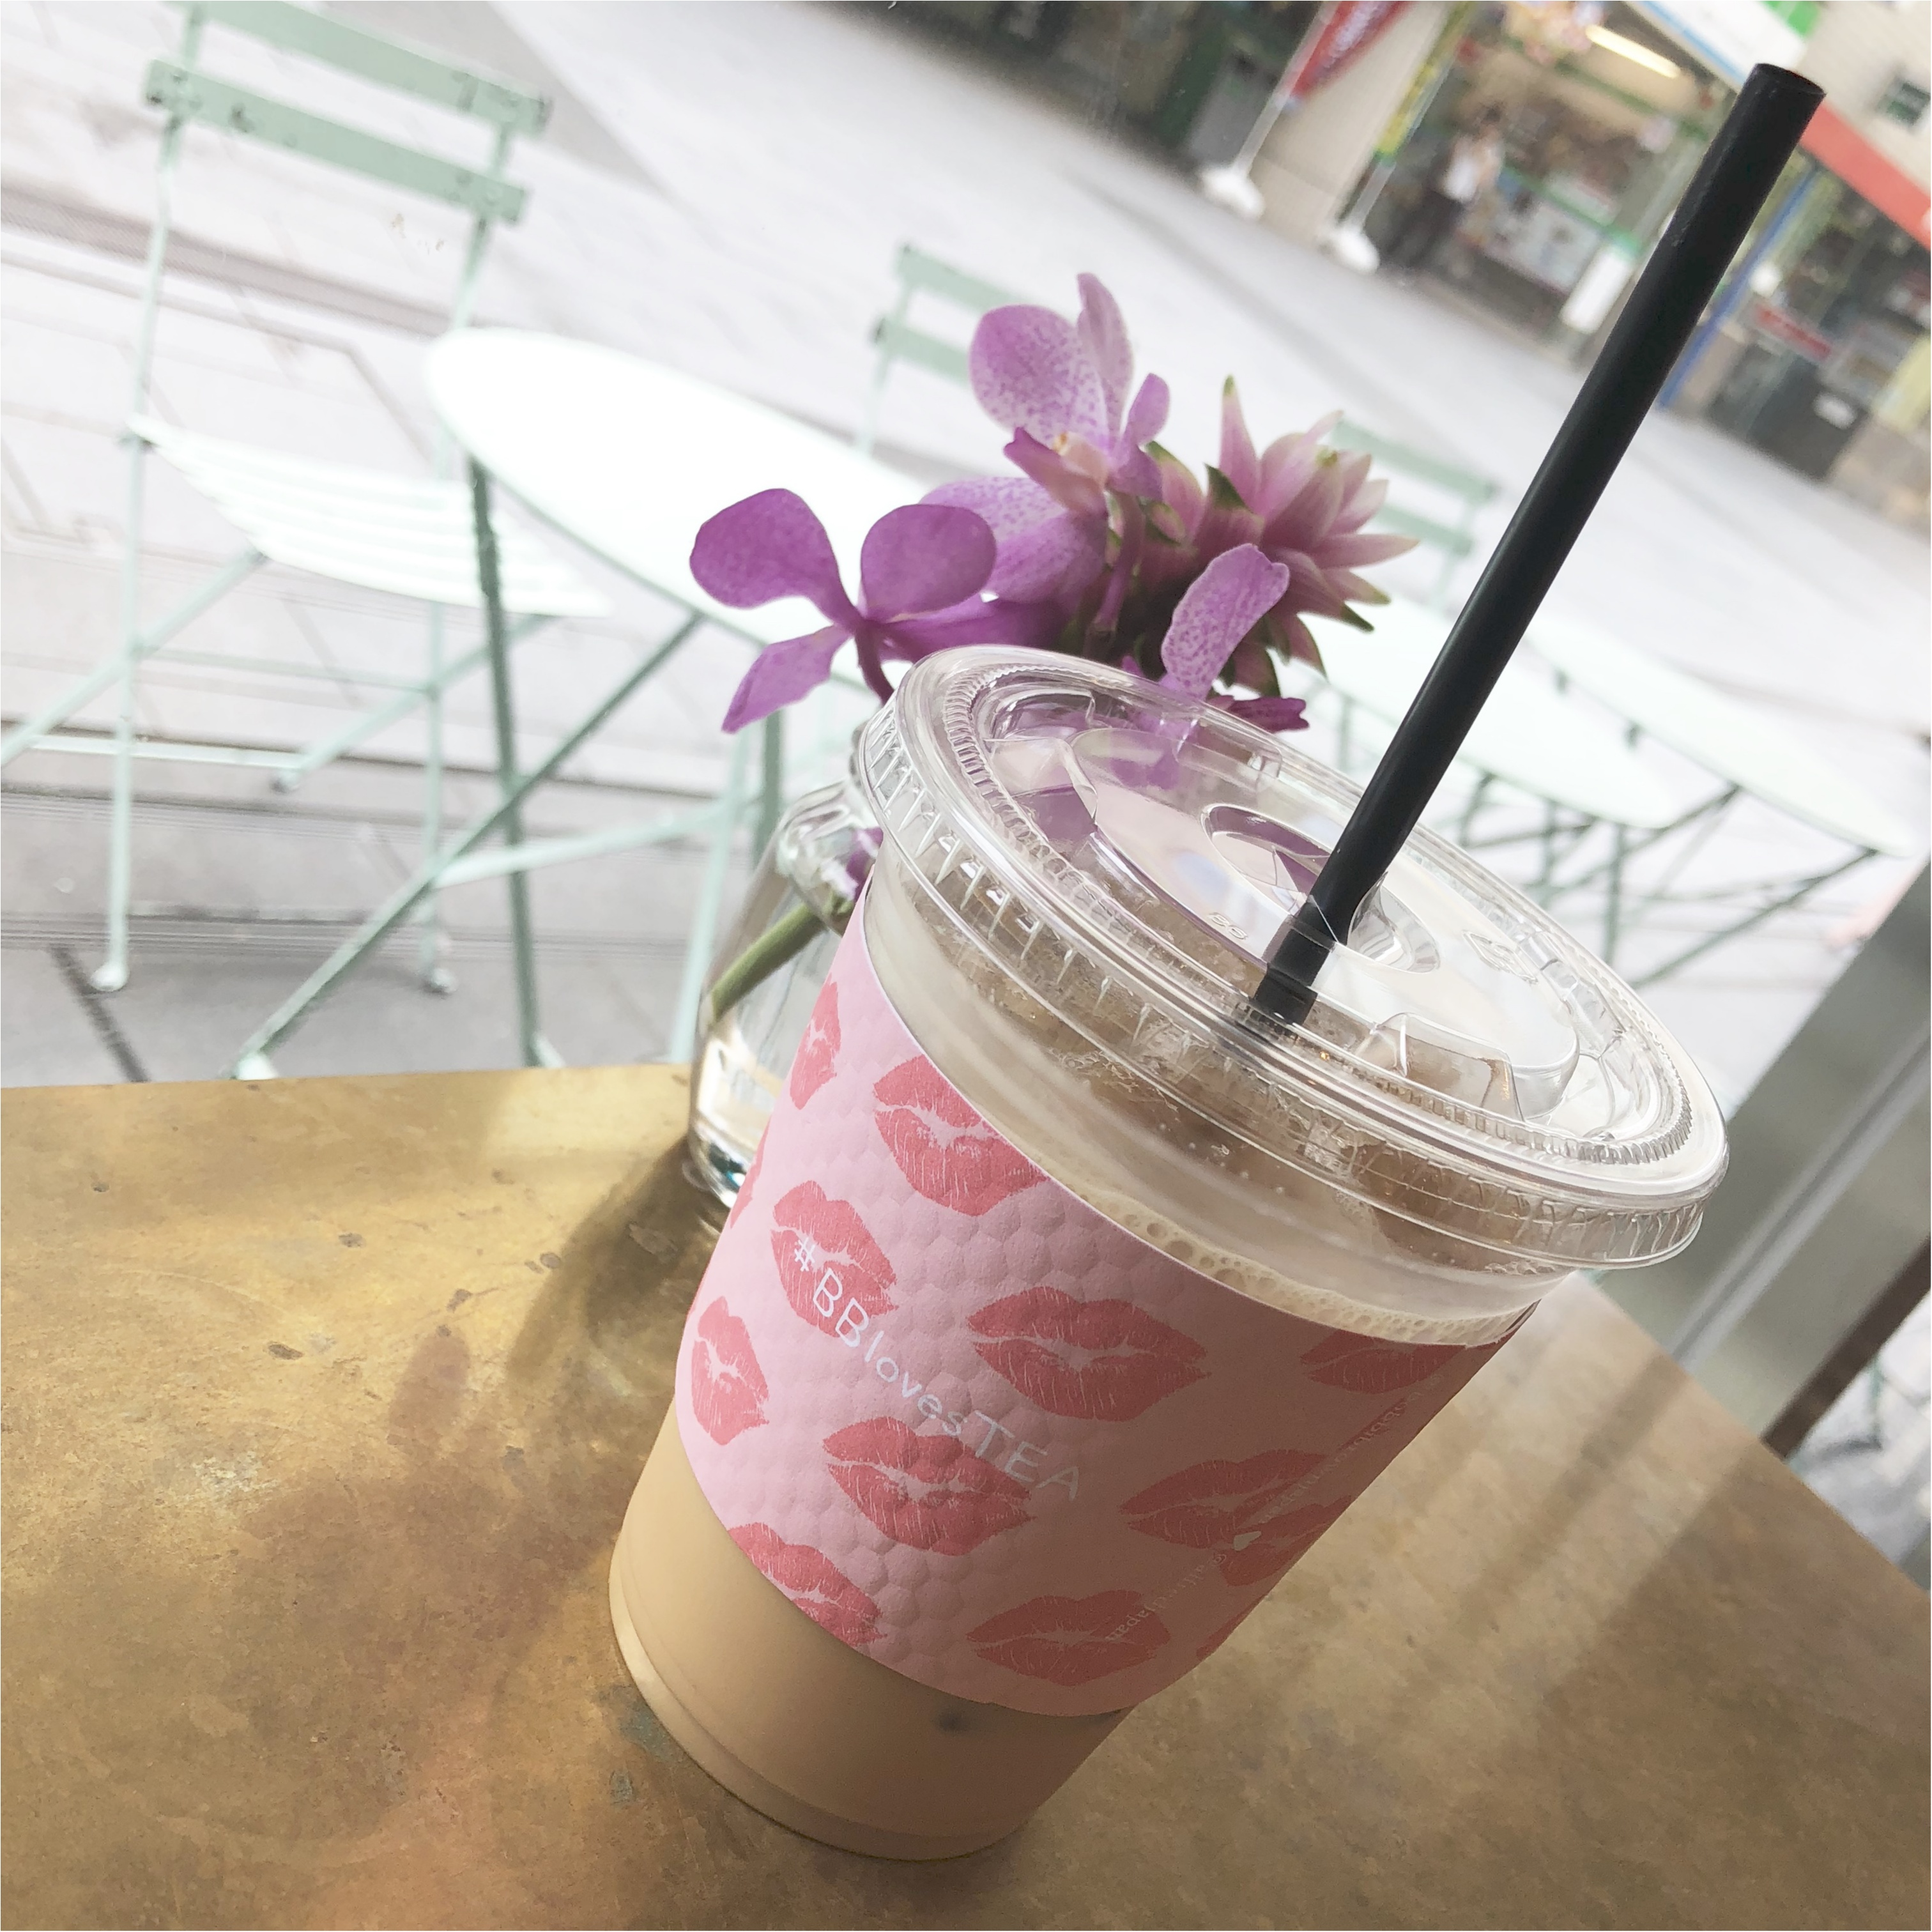 【青山】紅茶で一休み♩ALFRED TEA ROOMがBOBBI BROWNとコラボ中♡_2